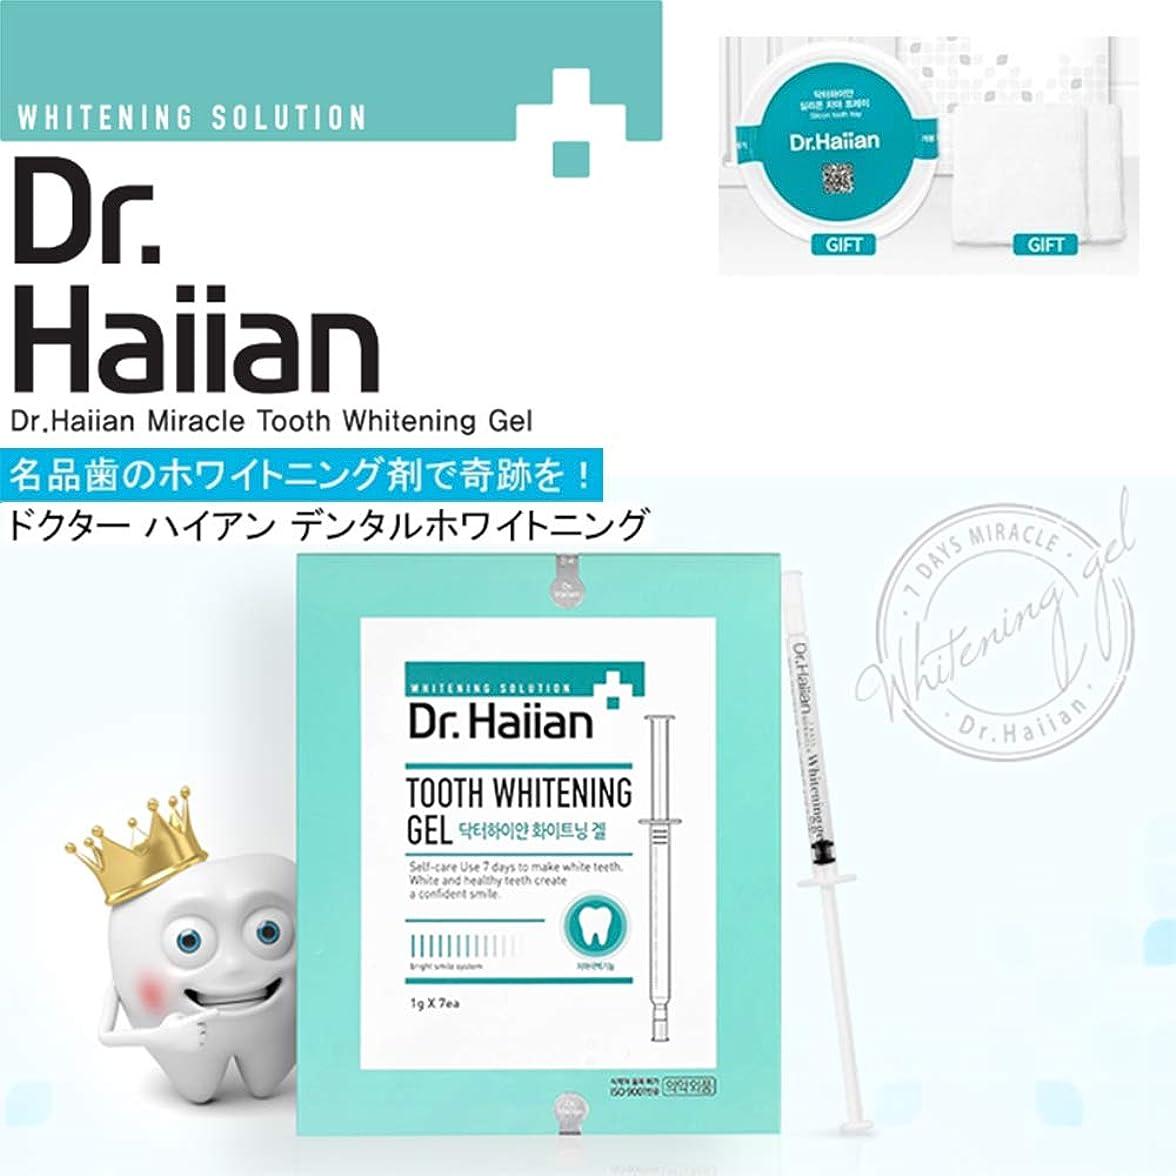 強化する器官ナプキン[SAMSUNG PHARM]Dr.Haiian 7Days Miracle/7日間の奇跡 [SAMSUNG PHARM]白い歯を管理するための/使ったら歯が白くなる!/Self-Teeth Whitening Agent/韓国コスメ(海外直送品) [並行輸入品]